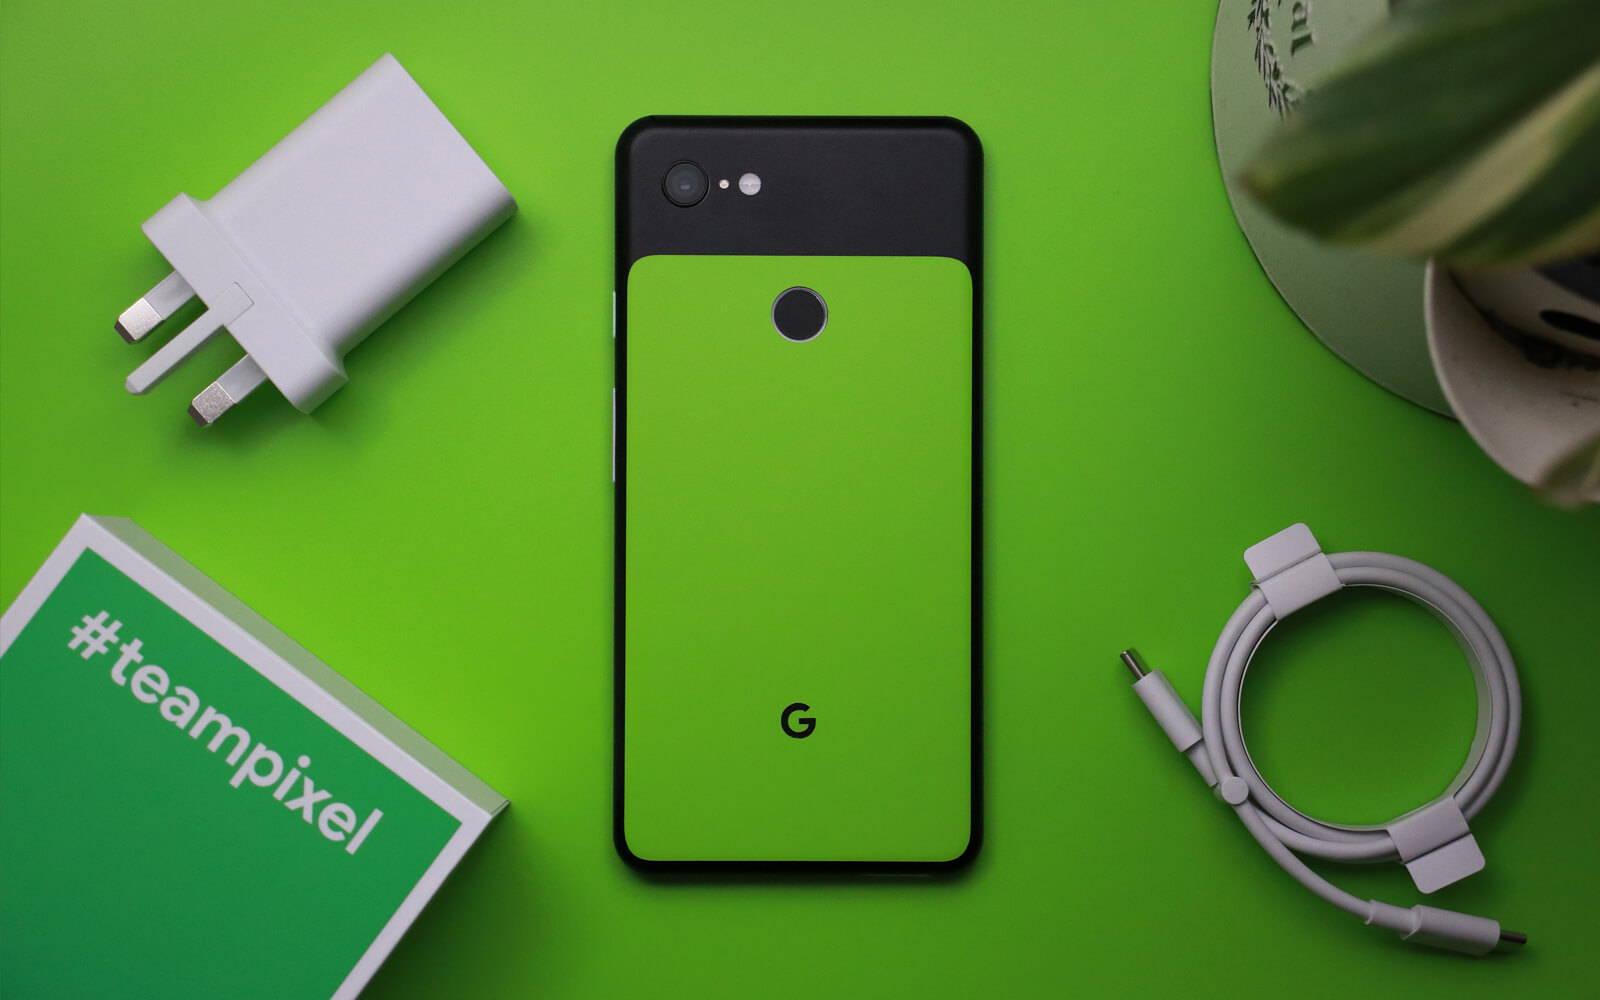 Google Pixel 3 XL Matt Black and Matt Green Skins